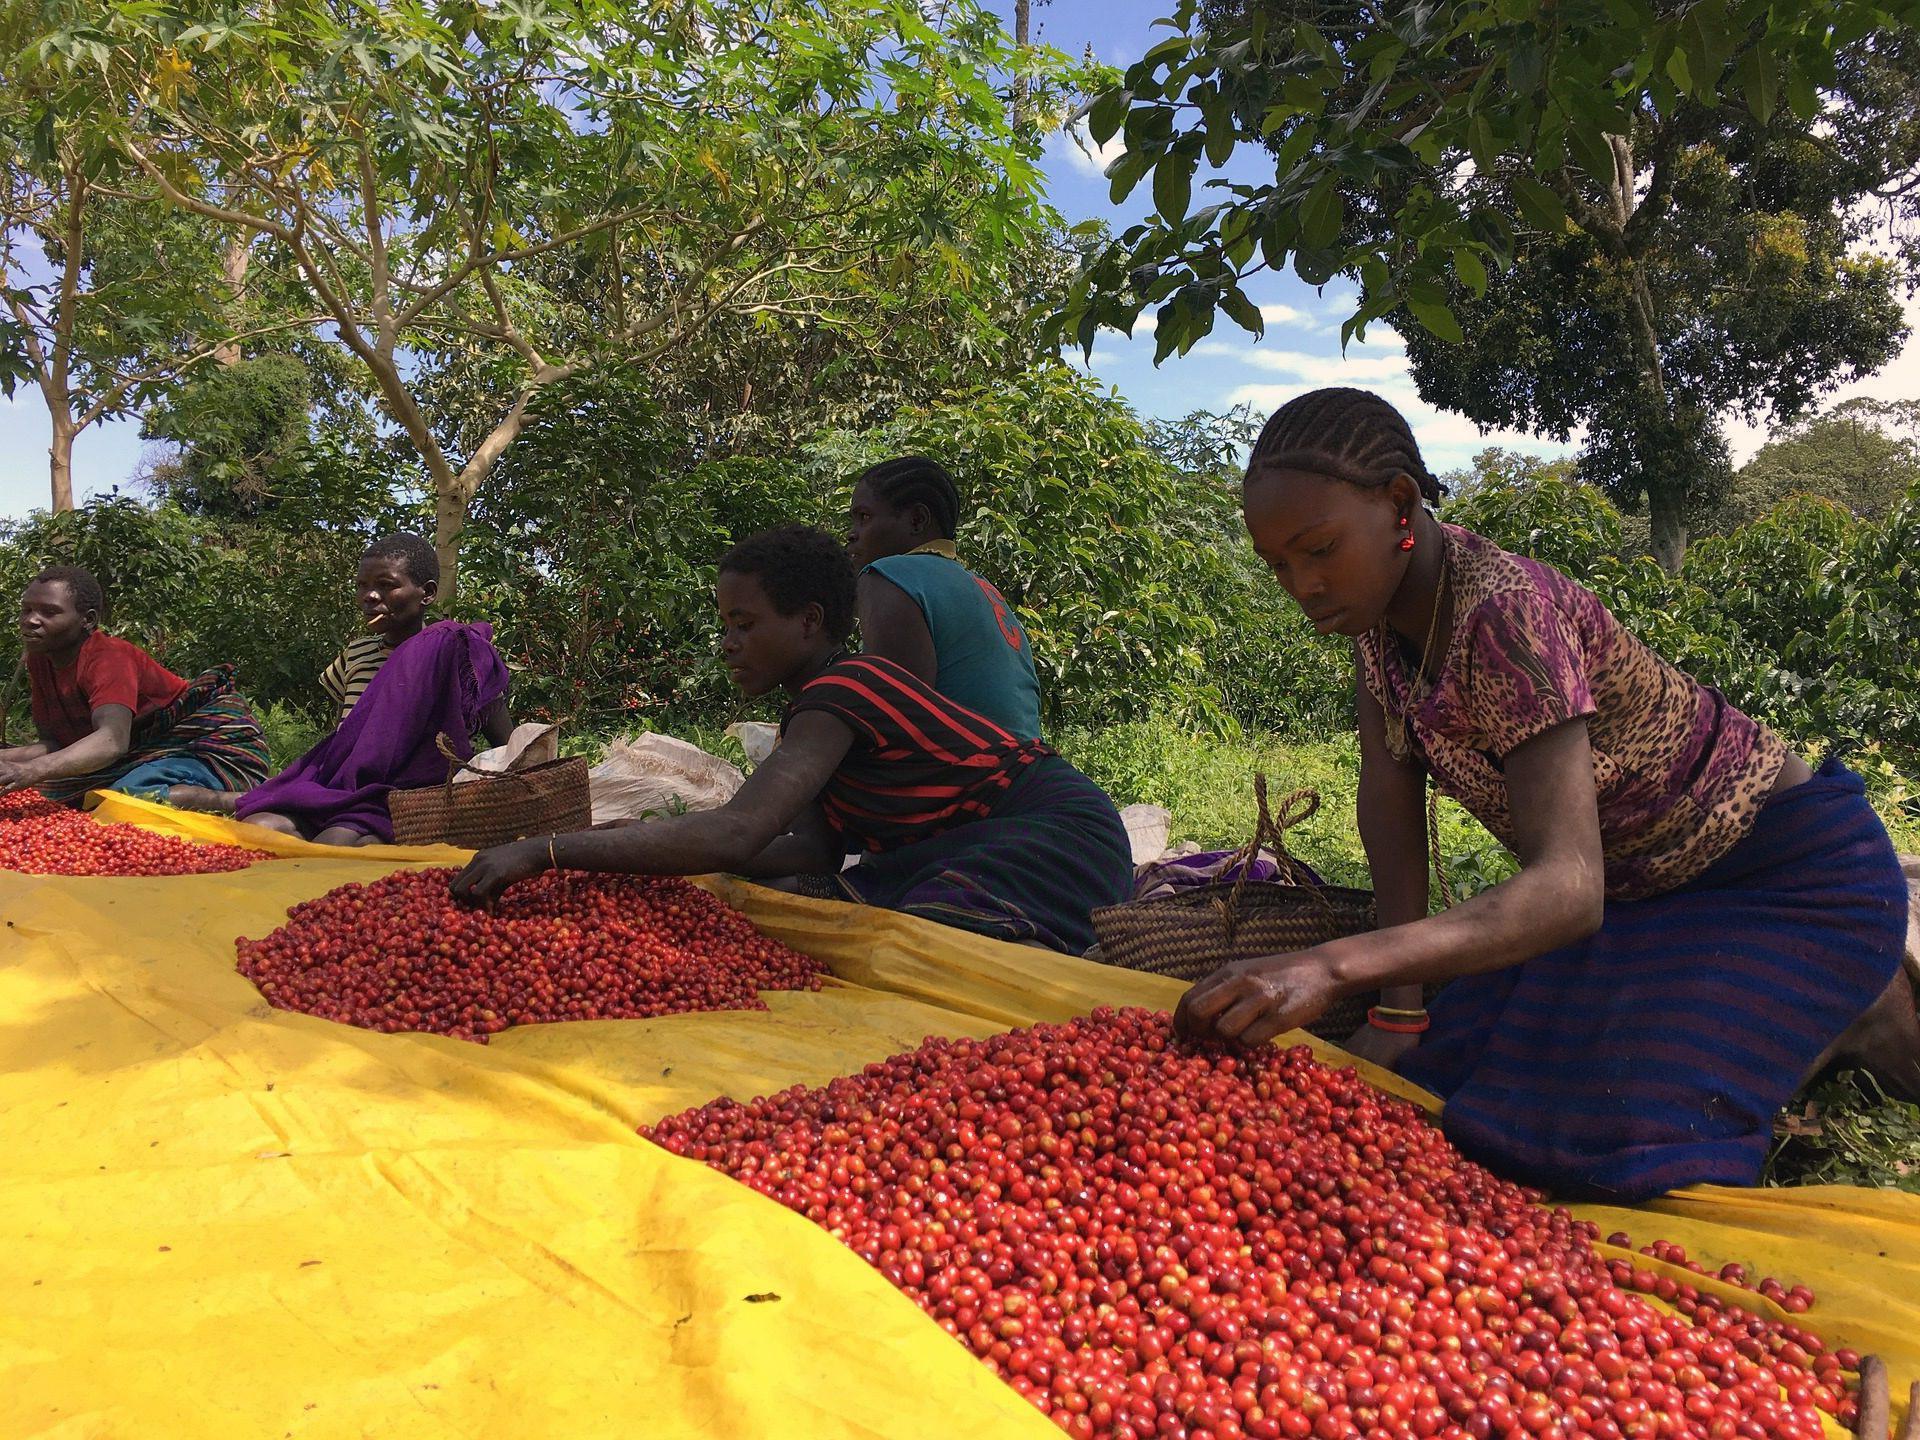 Etiopie, místo odkud pochází káva